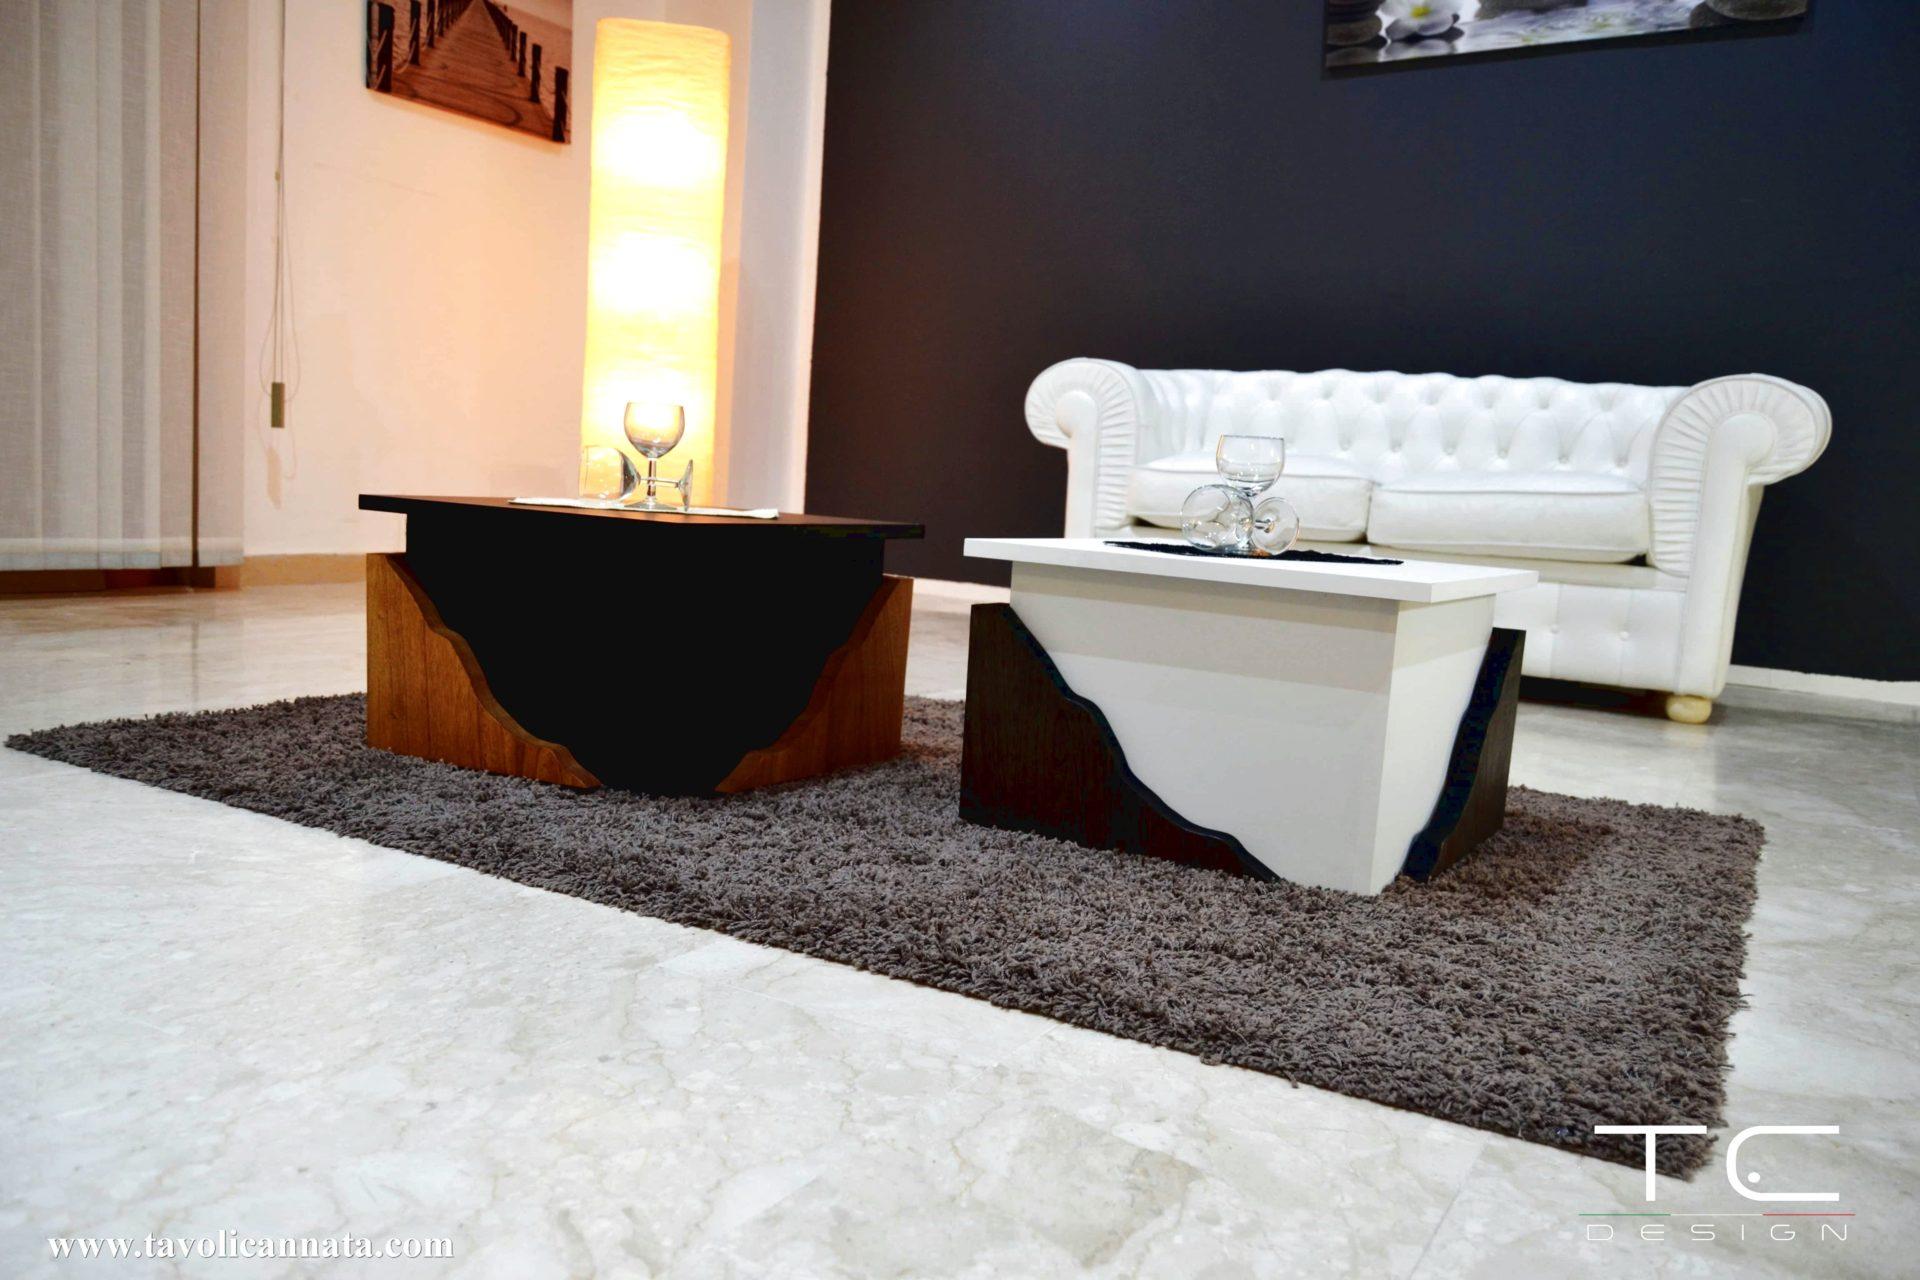 Tavolini da salotto bianchi di design - Tavolini Cannata